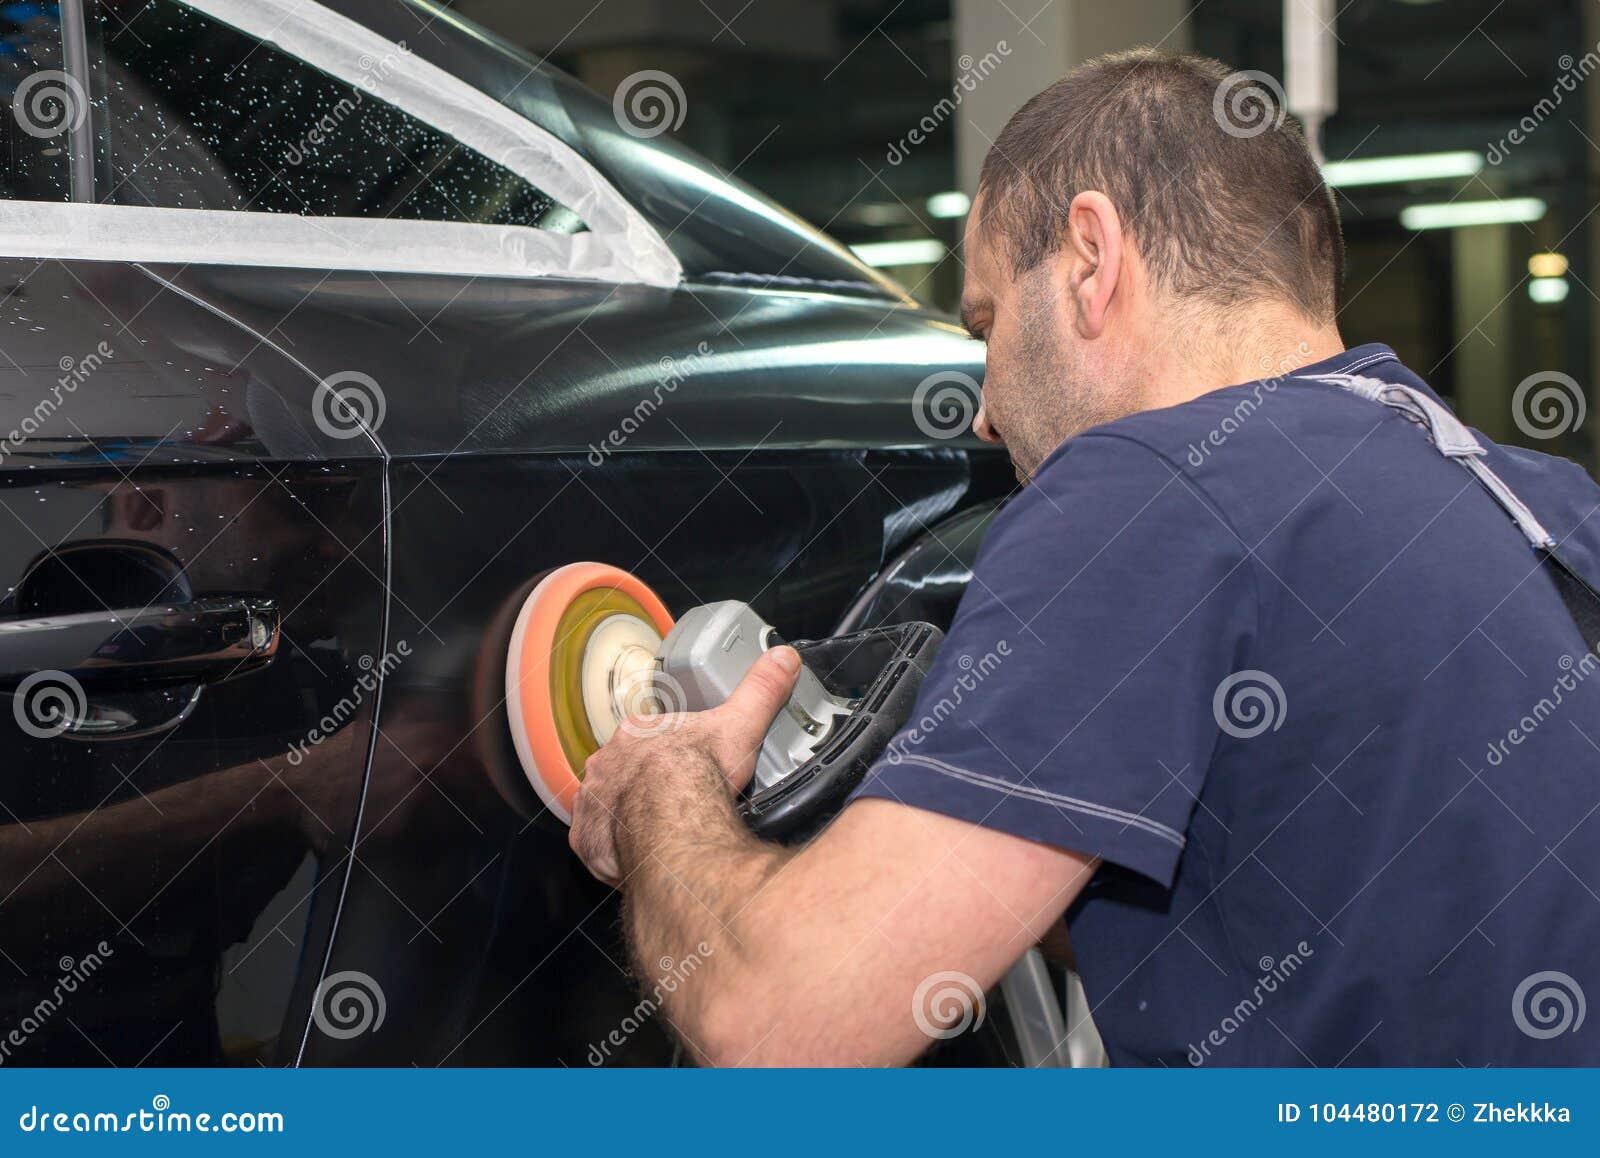 Ένα άτομο γυαλίζει ένα μαύρο αυτοκίνητο